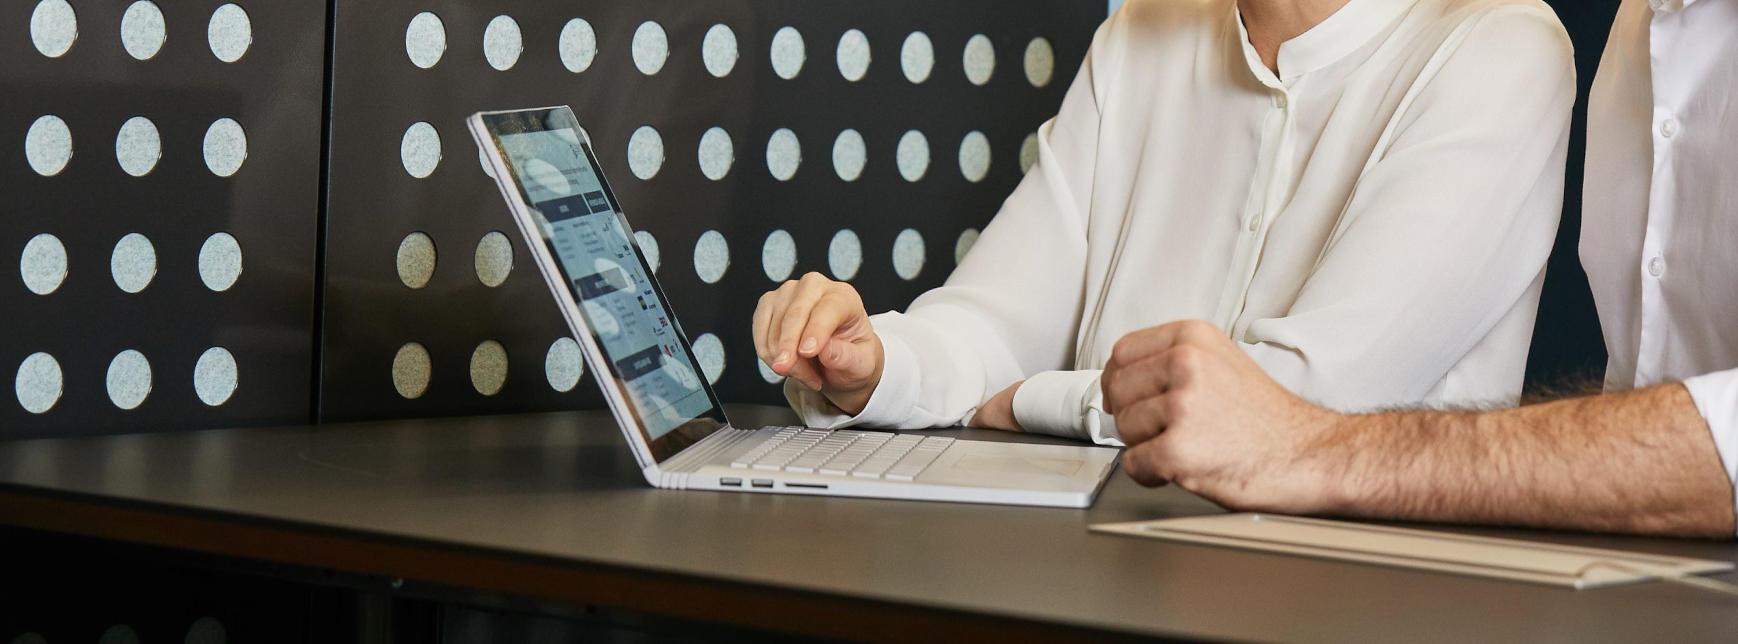 Mann und Frau arbeiten an Laptop